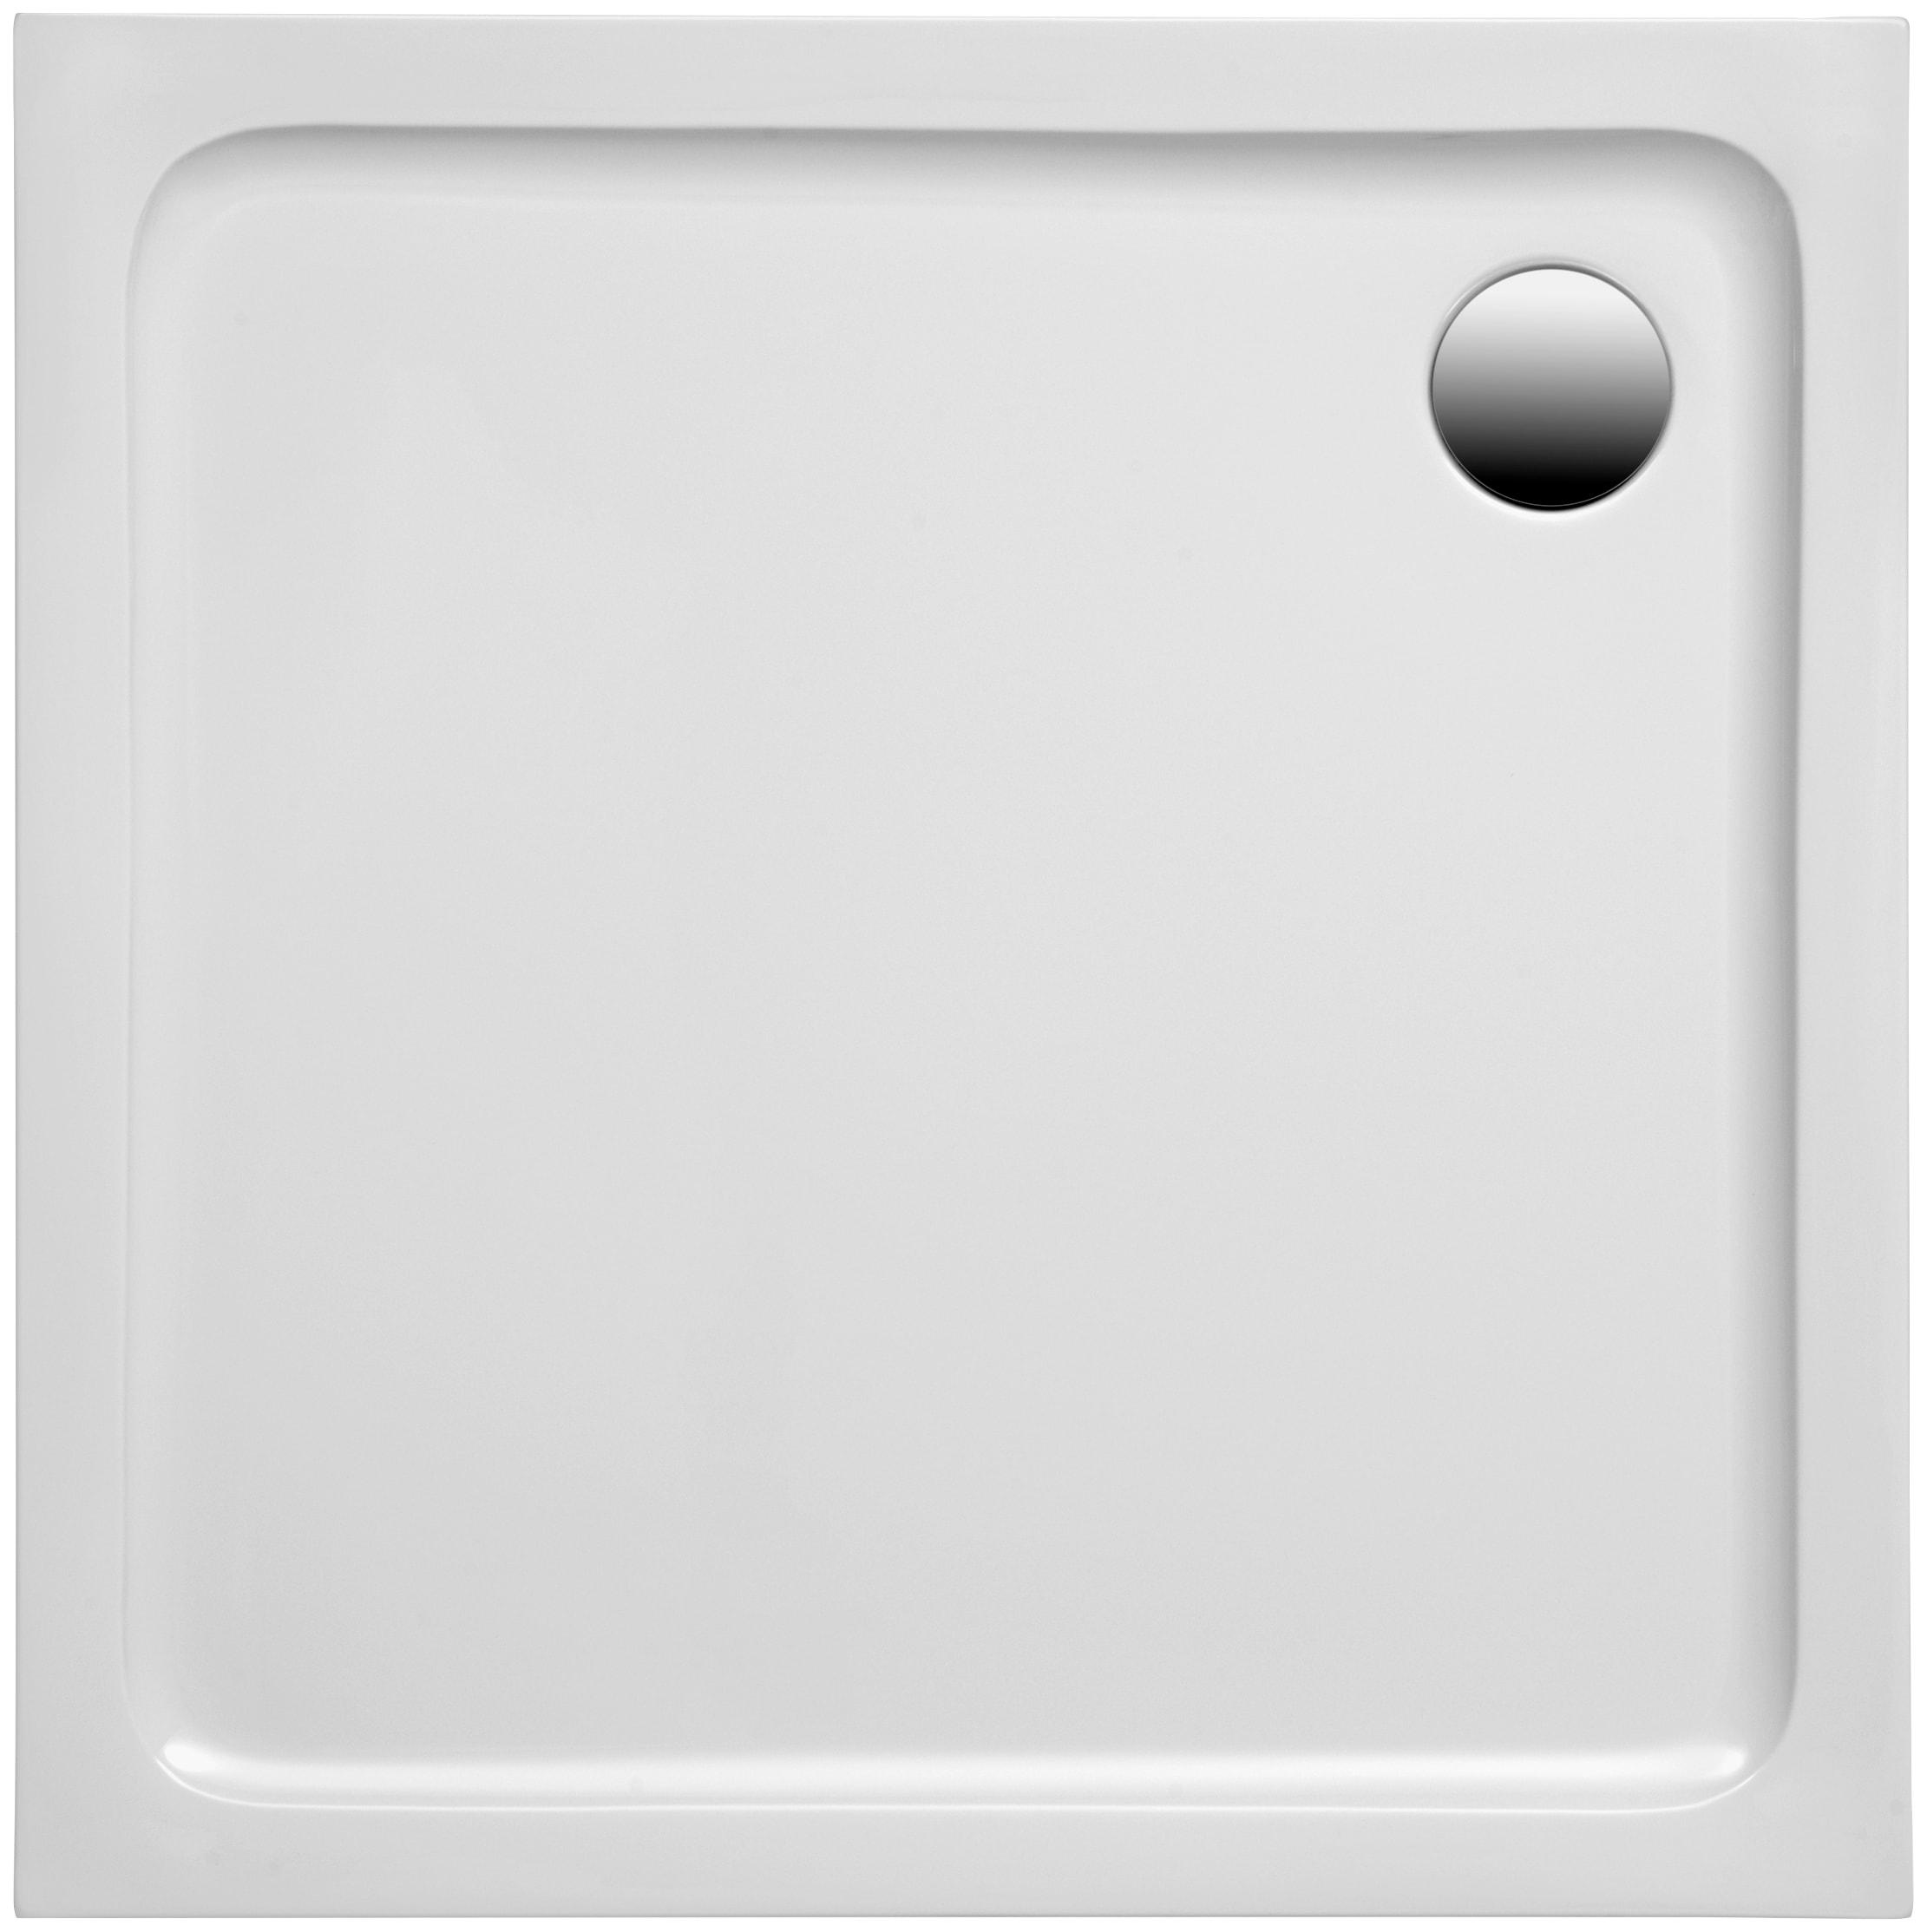 OTTOFOND Duschwanne Set Quadratische Duschwanne, 900x900/30 mm weiß Duschwannen Duschen Bad Sanitär